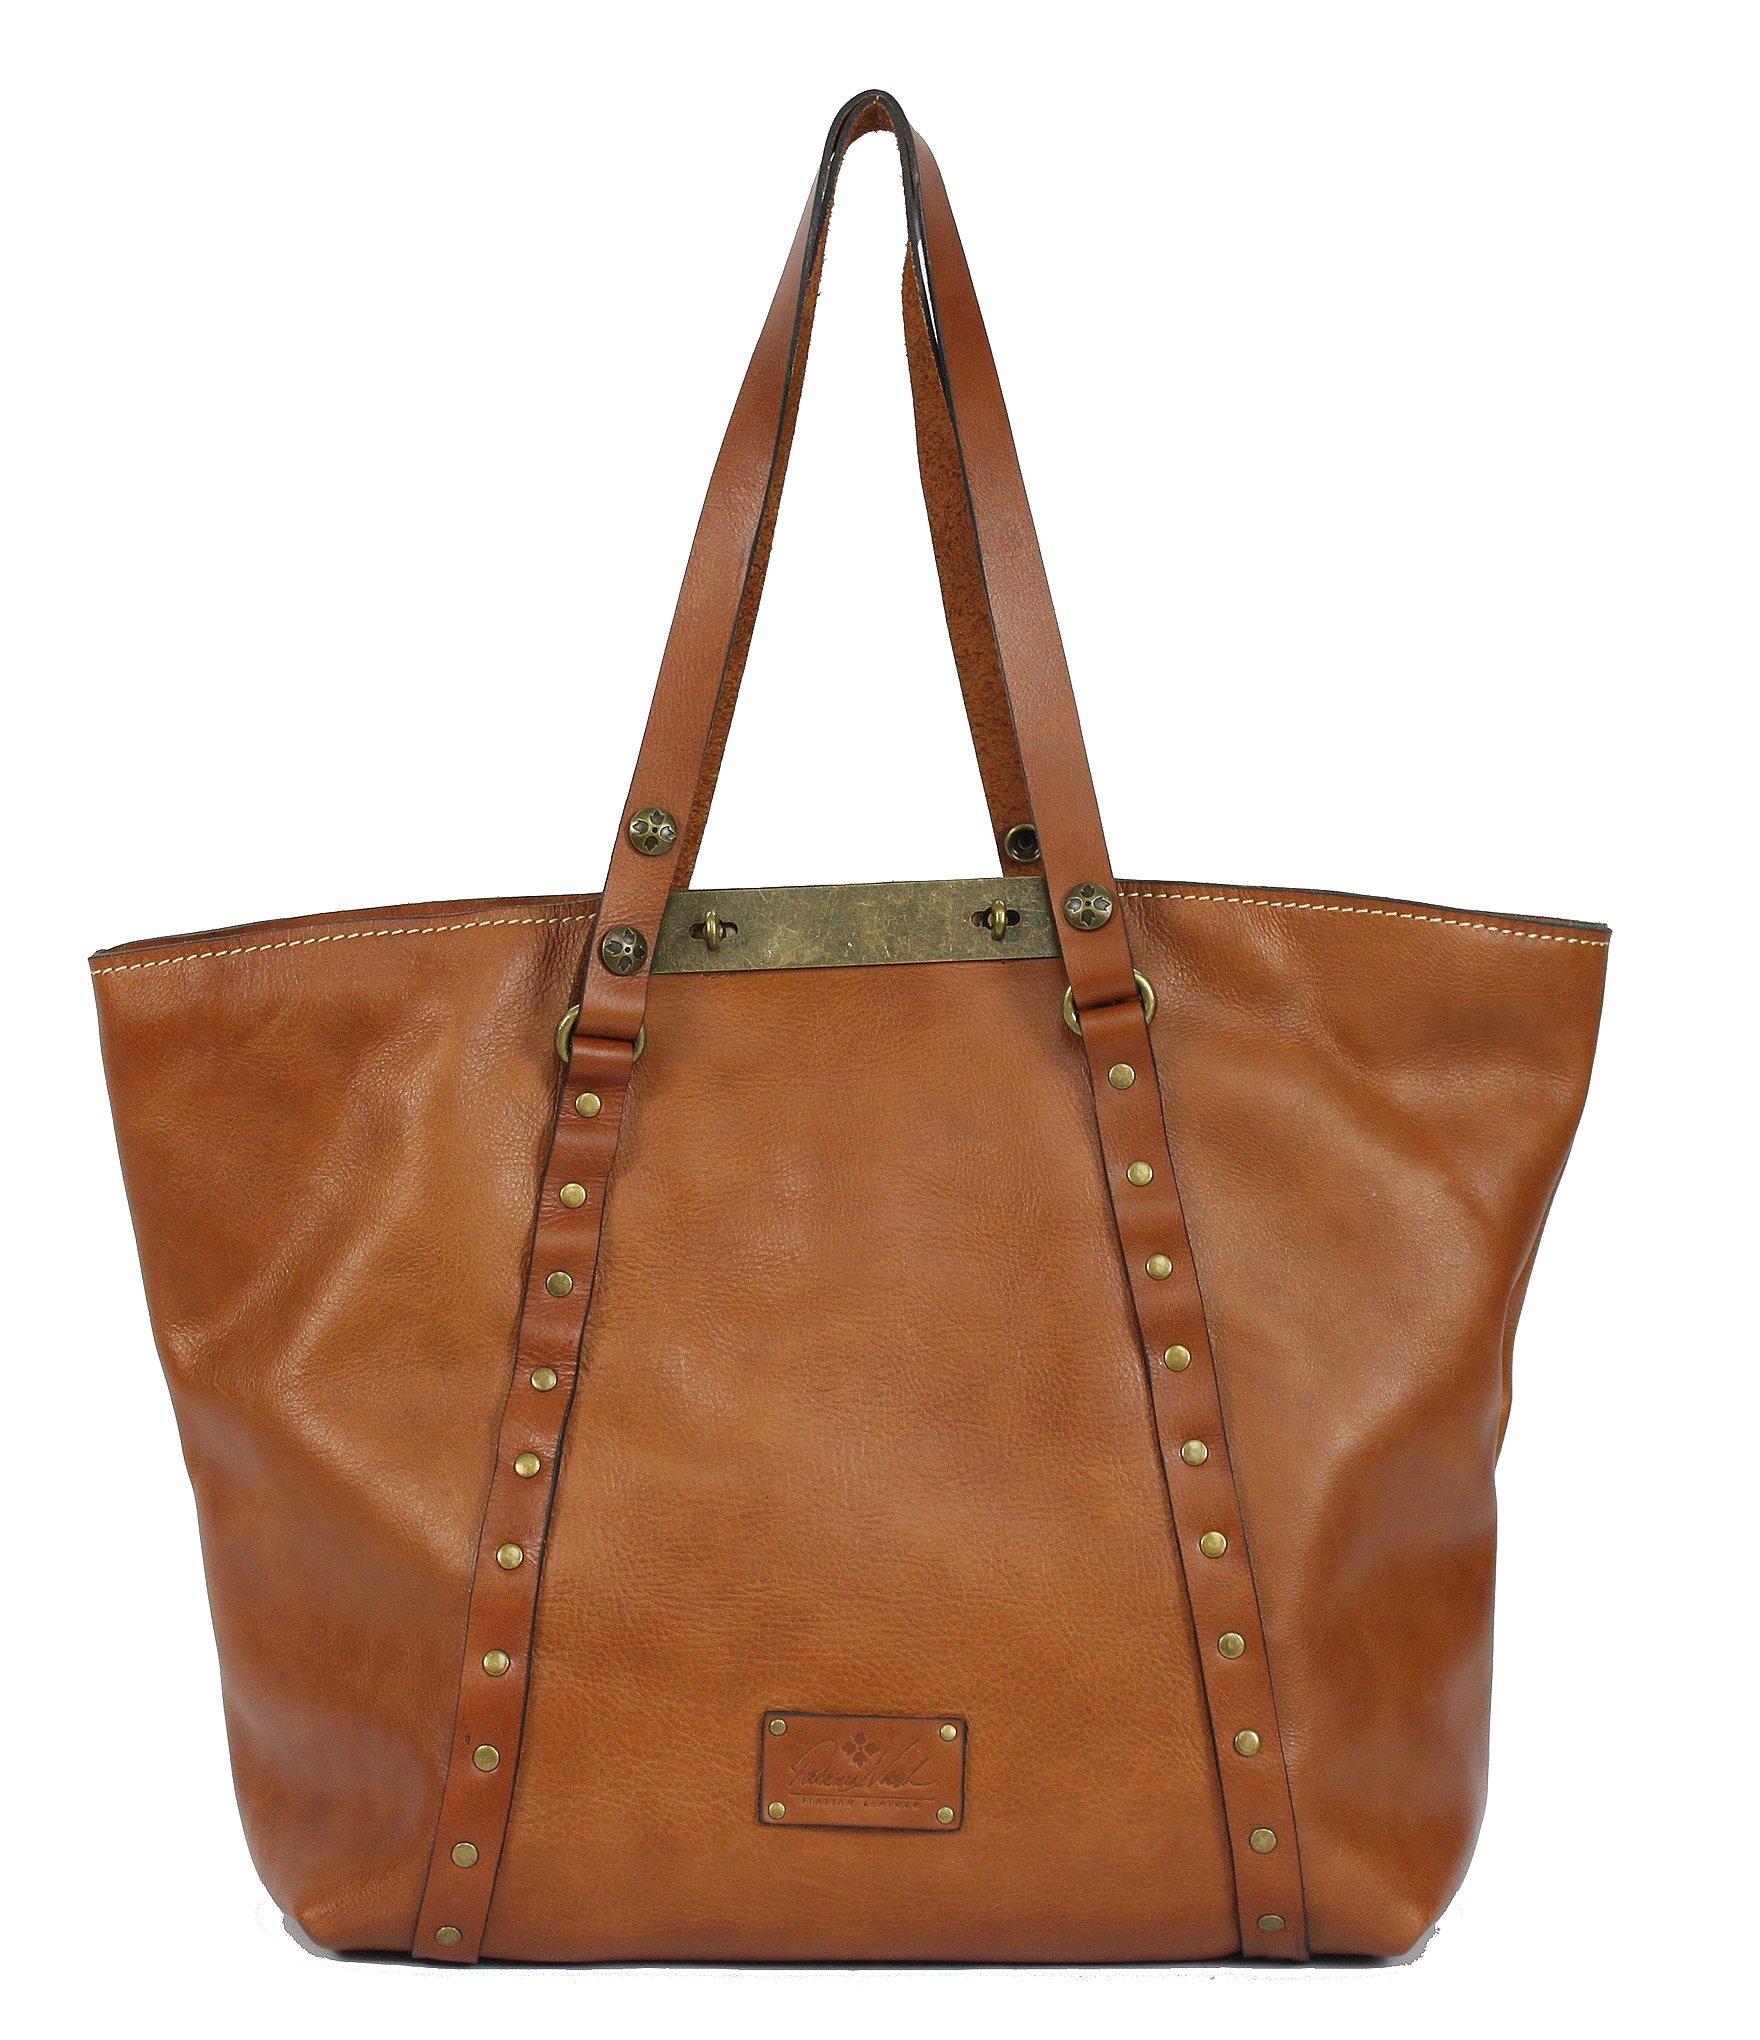 Patricia nash Leather Benvenuto Convertible Tote in Brown ...